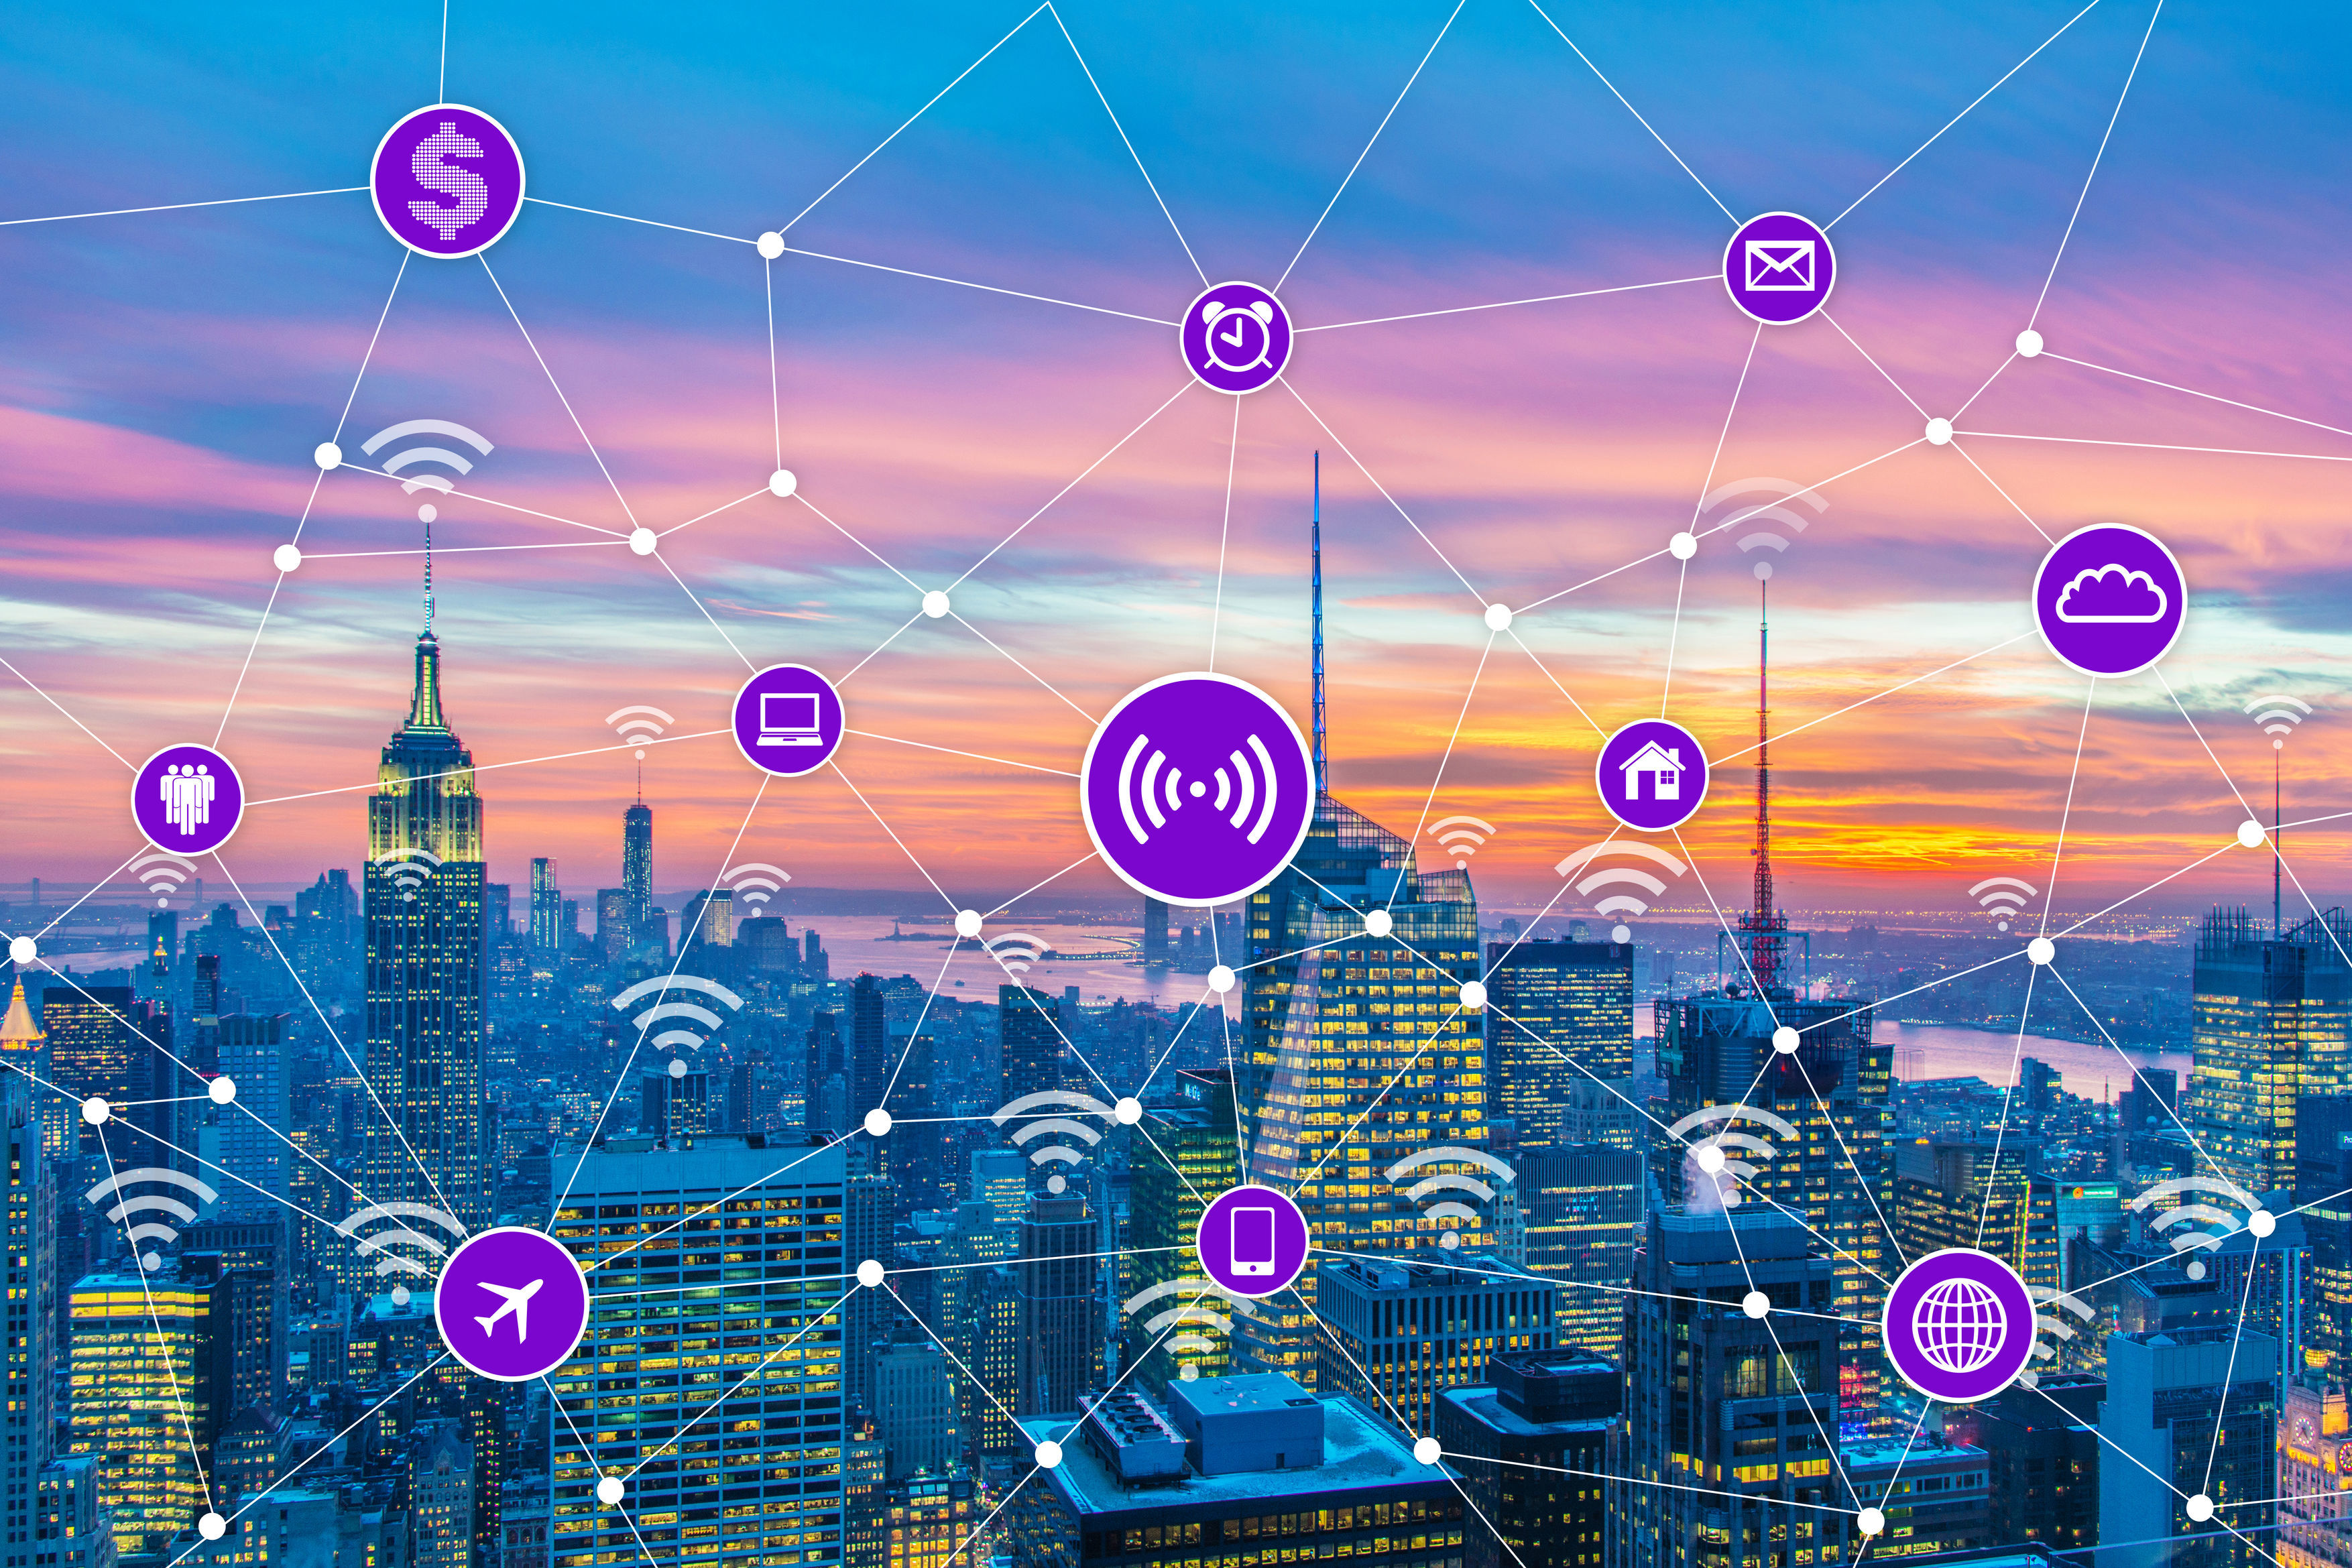 专网与5G配对助力智慧城市发展